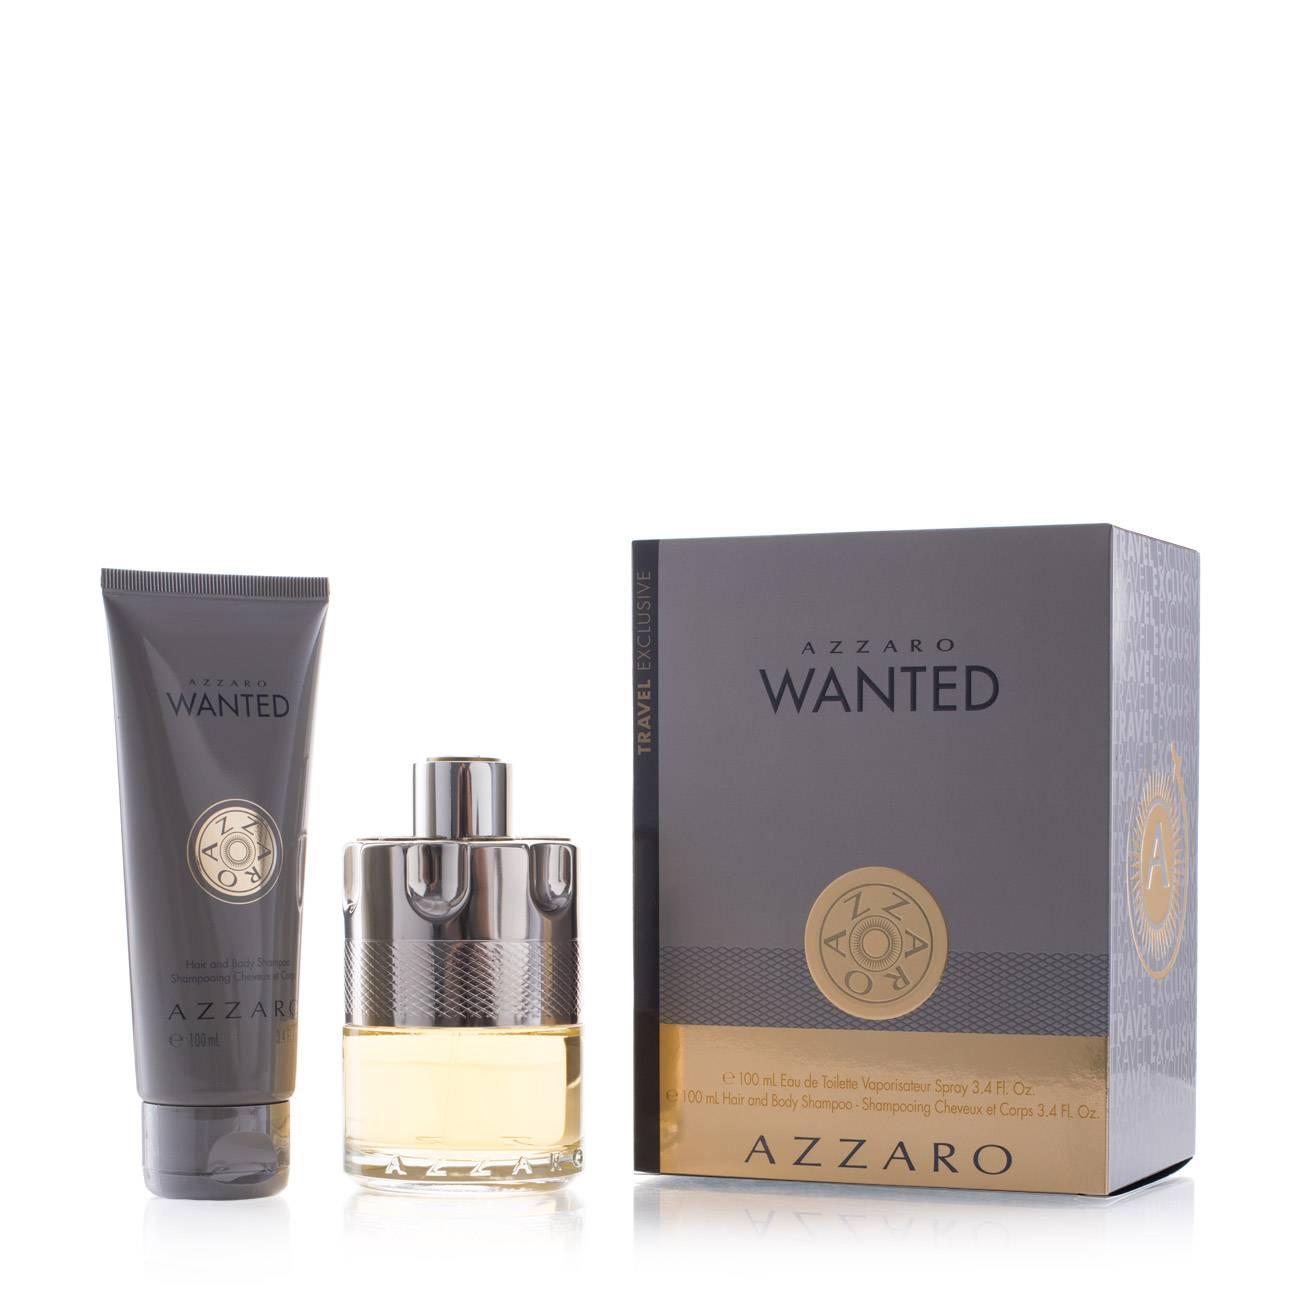 AZZARO WANTED 200ml poza